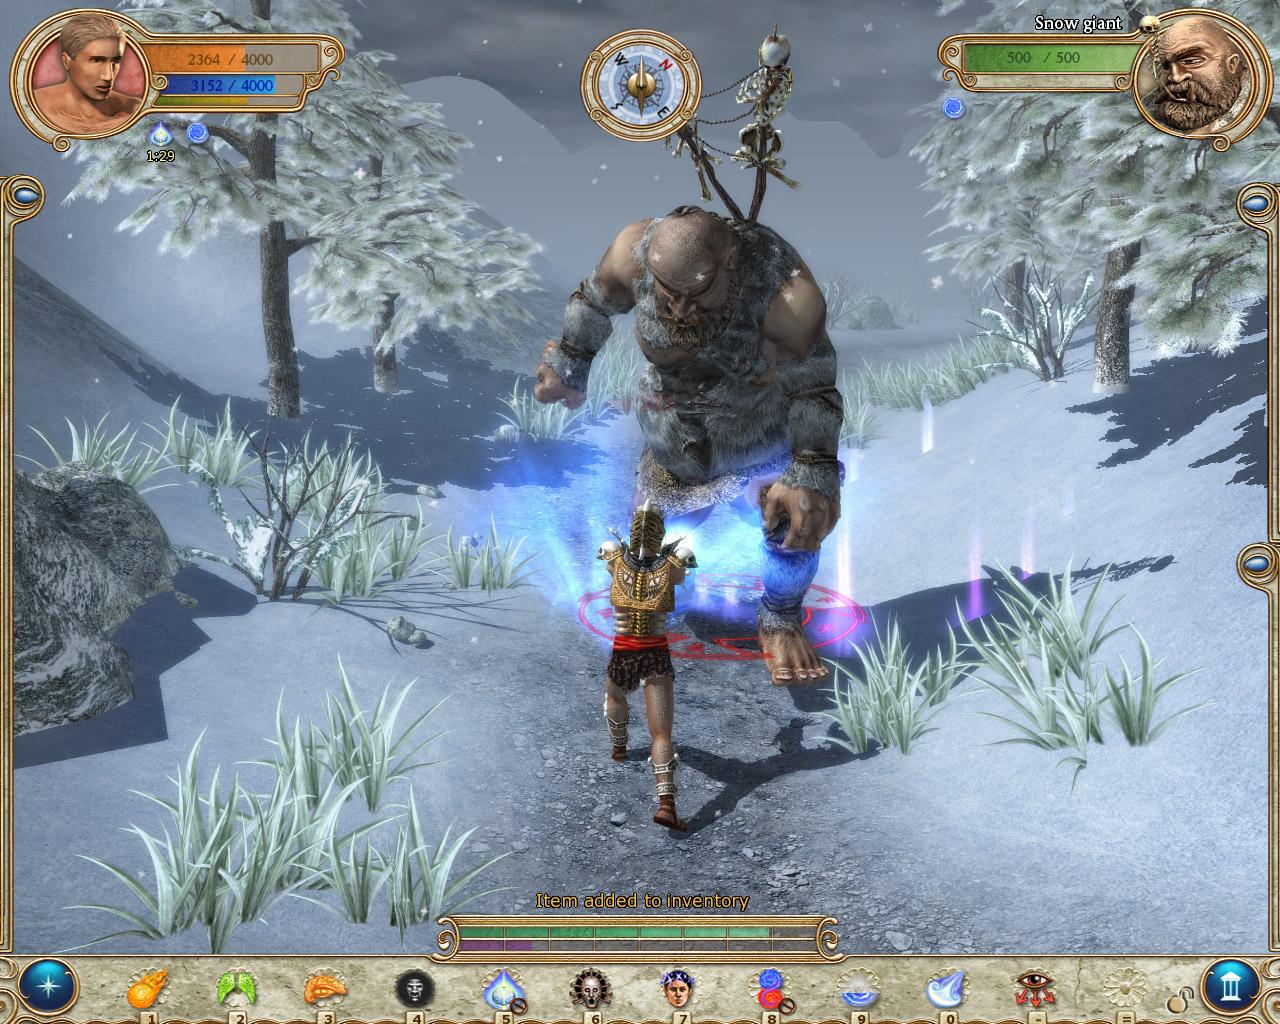 Herní návraty: Numen Contest of Heroes 7523